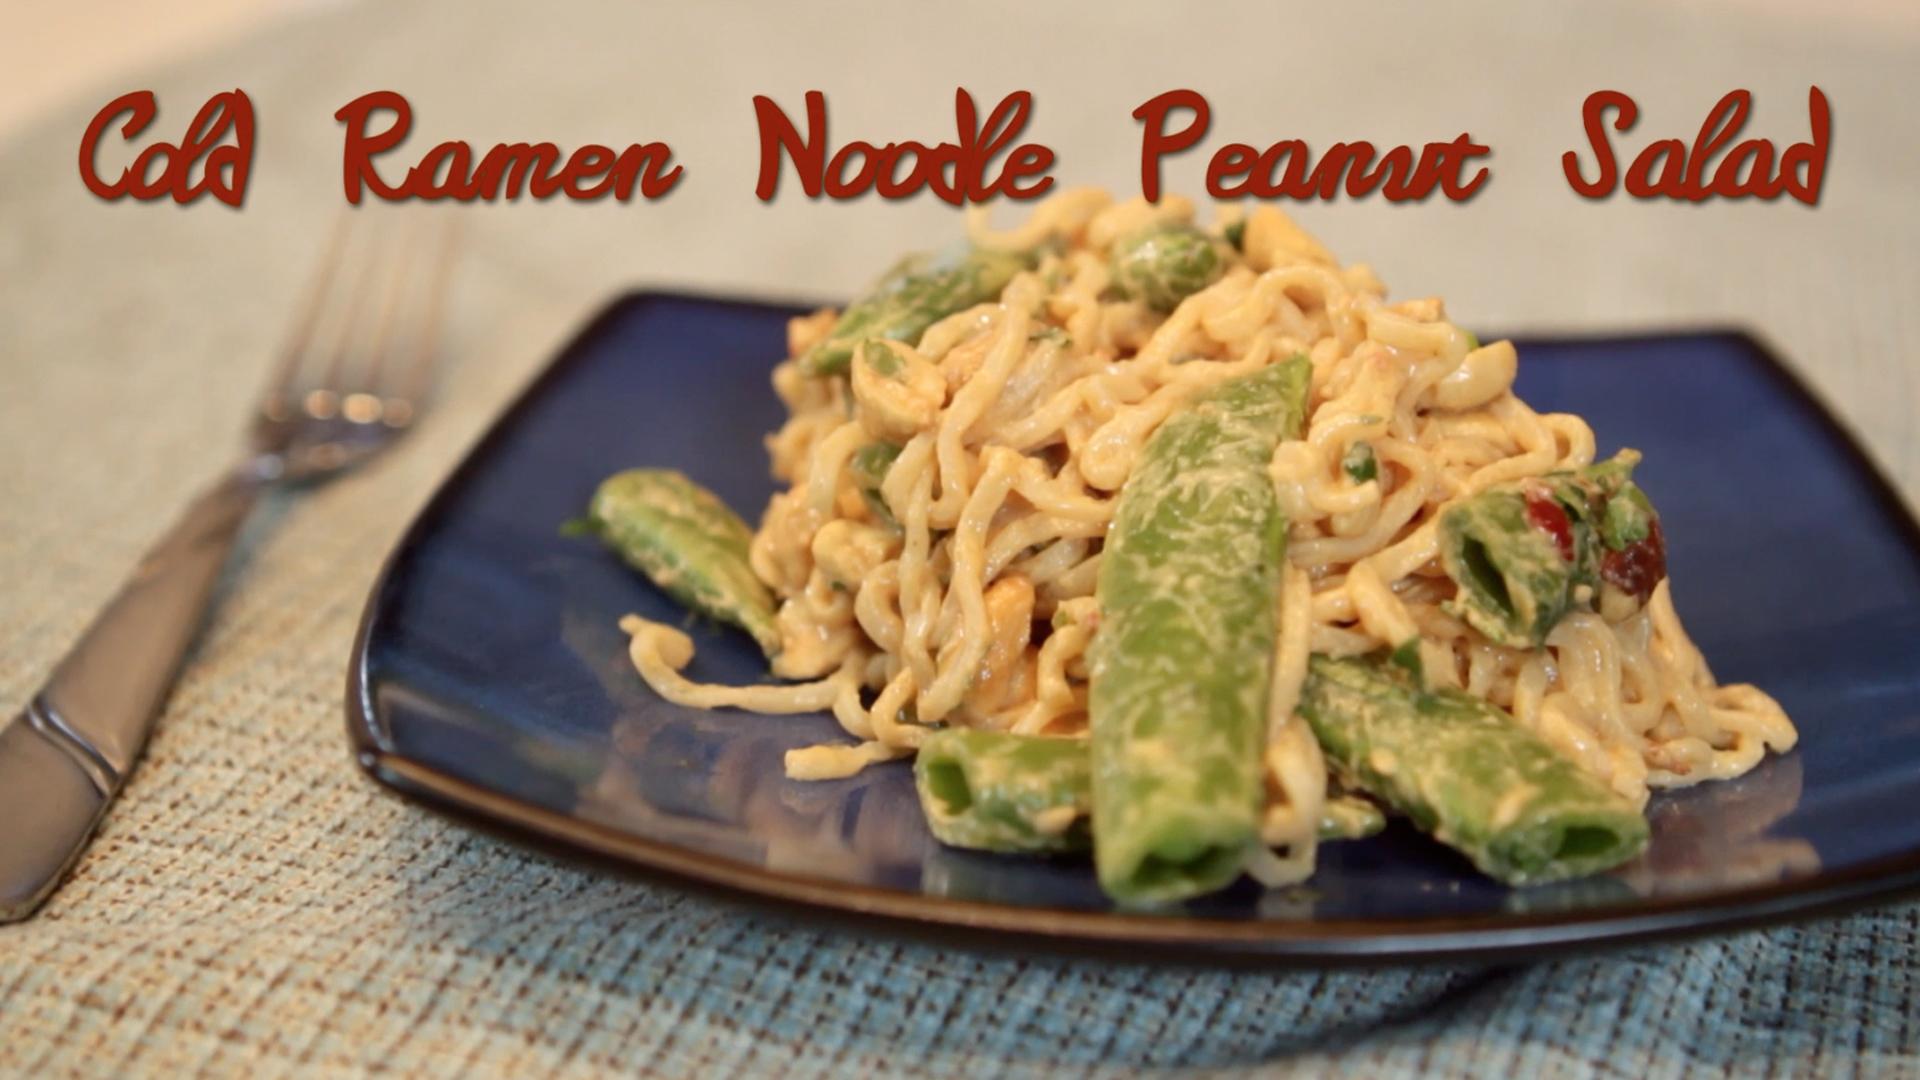 A Deliciously Lowbrow Cold Ramen Noodle Salad